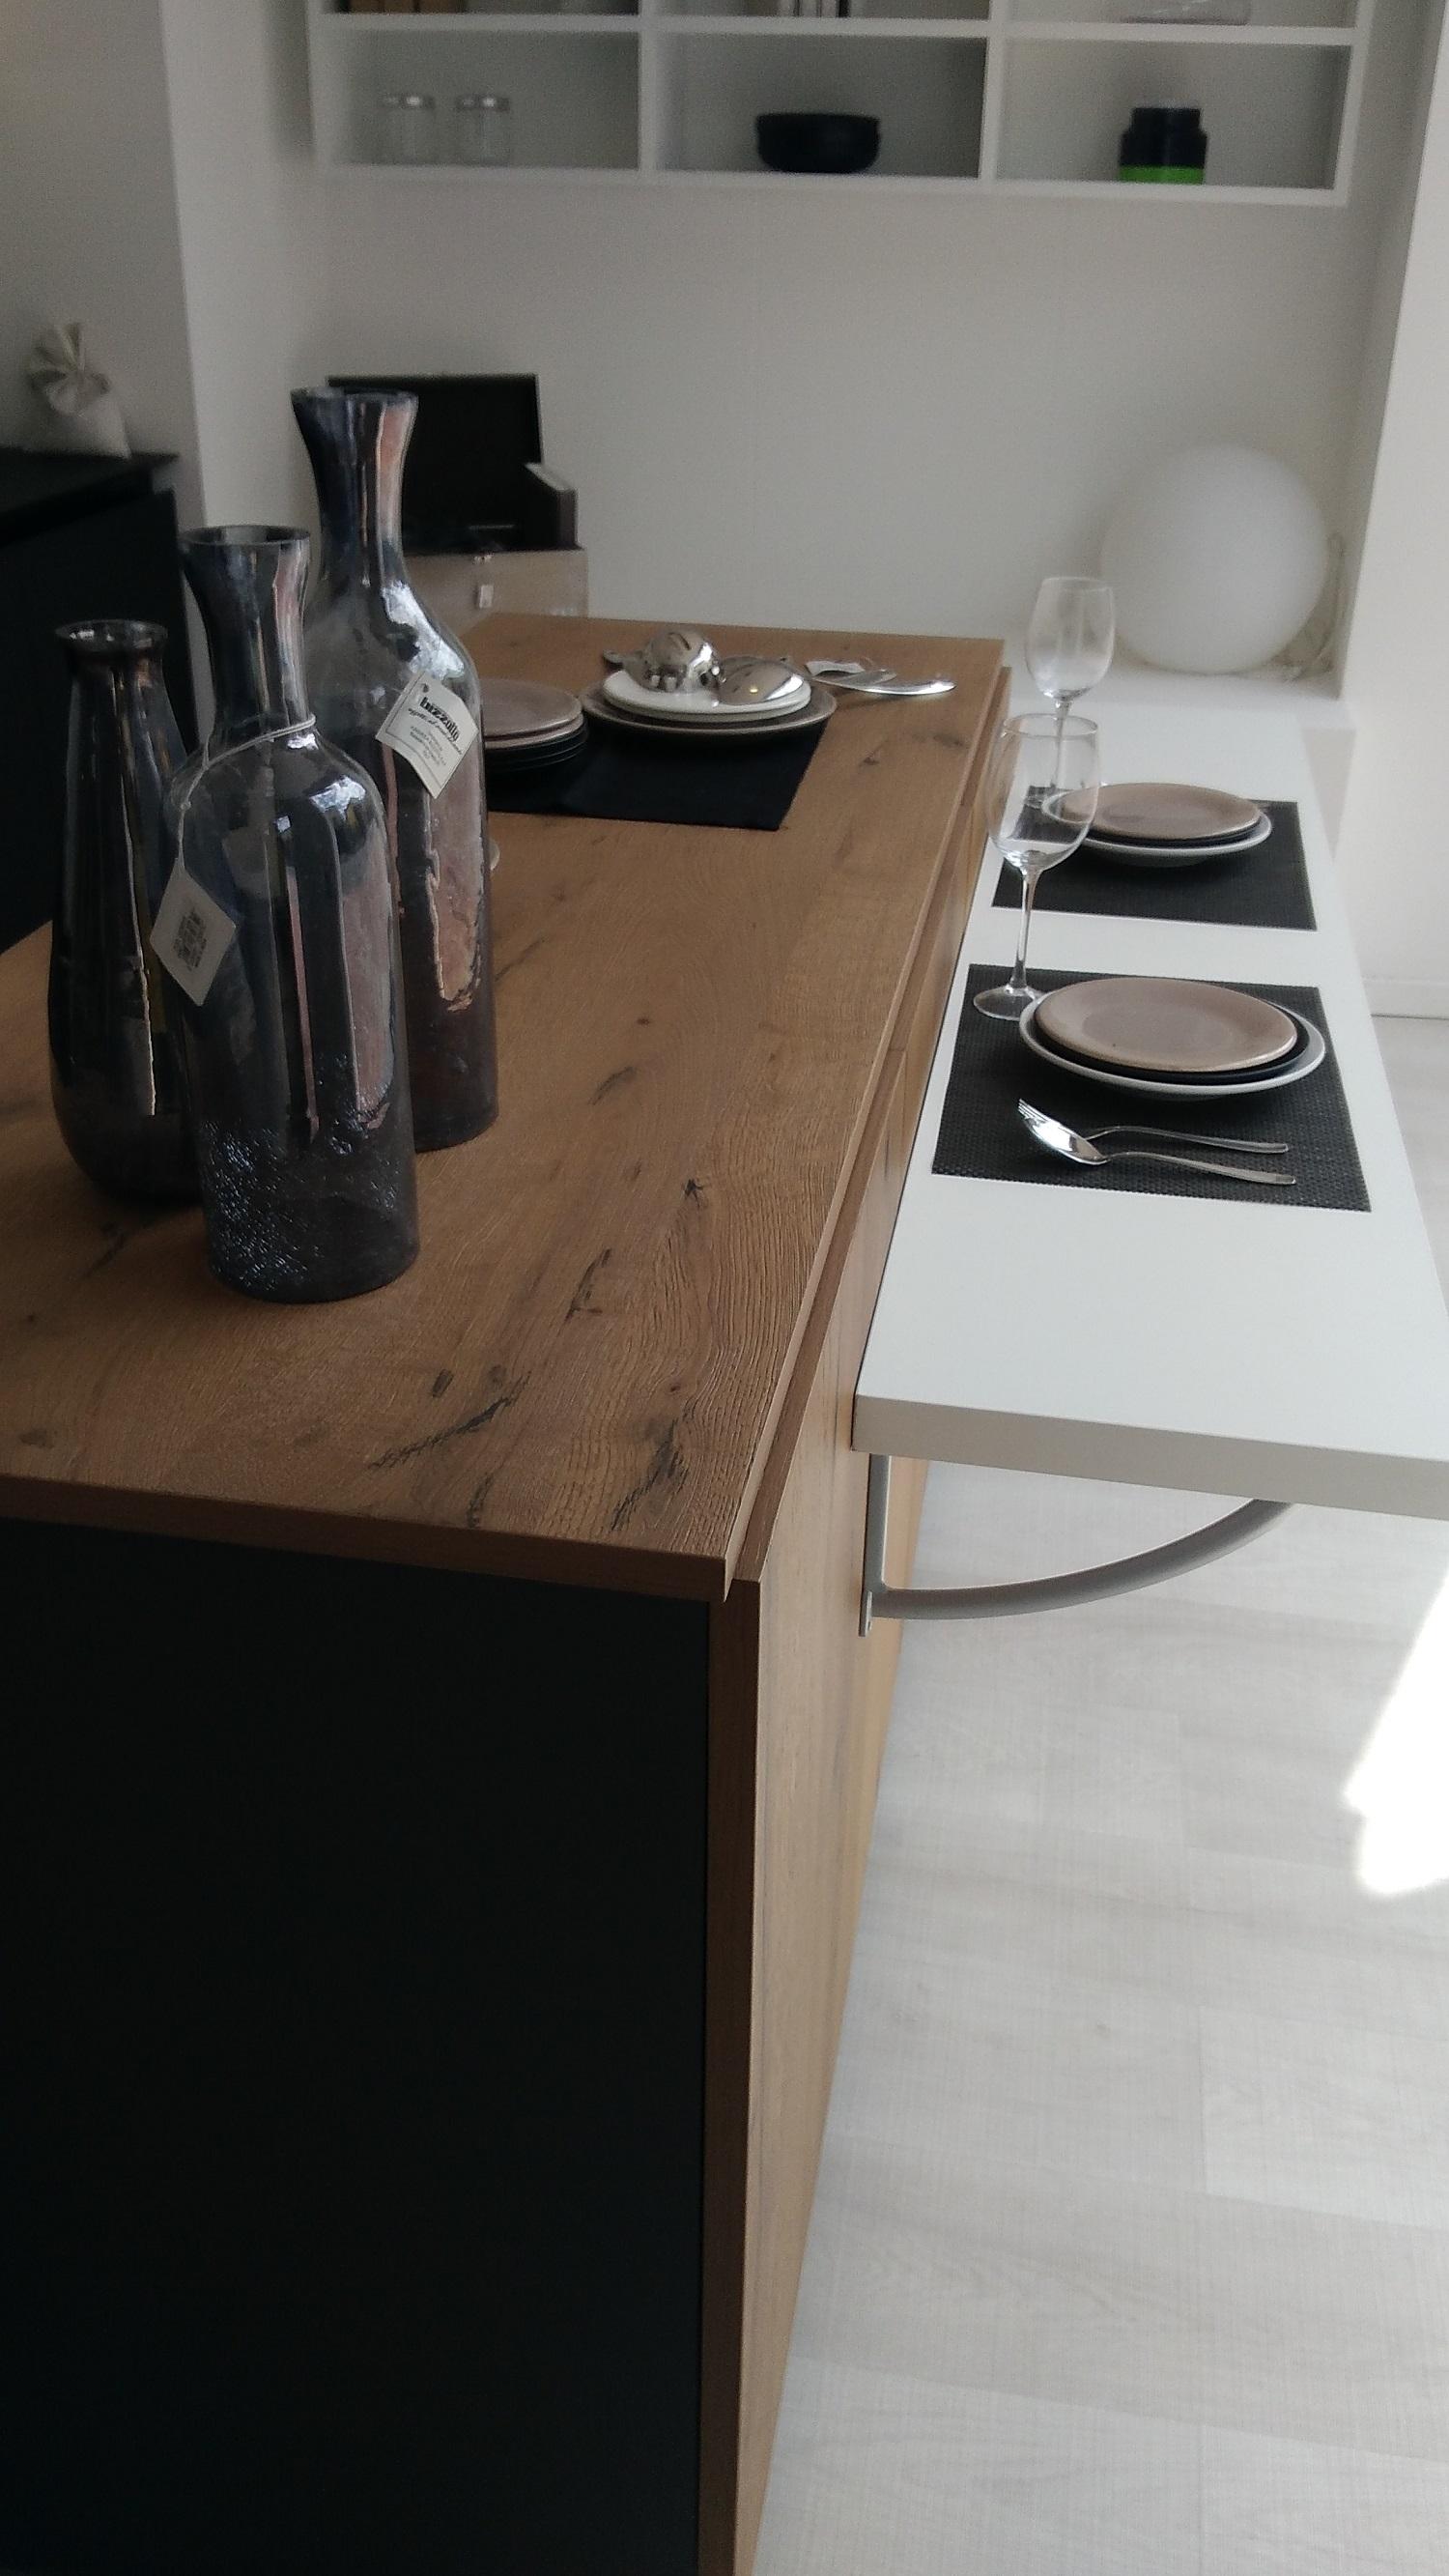 Cucina lube modello oltre cucine a prezzi scontati for Cucina oltre lube